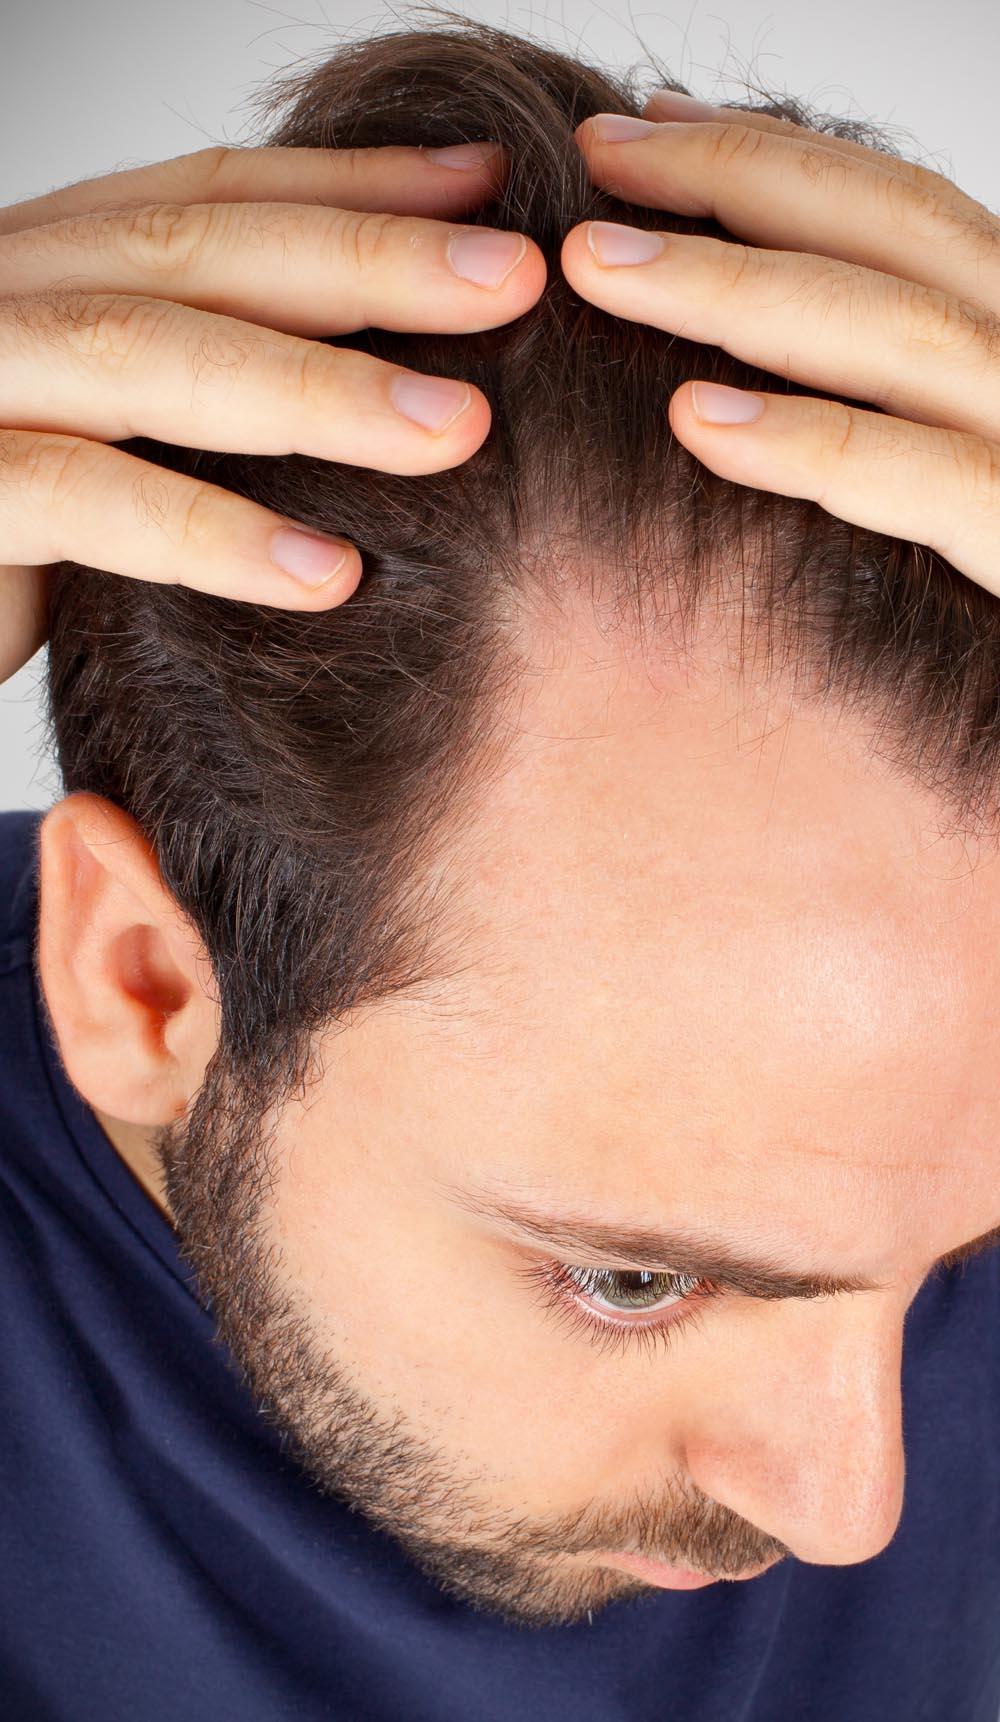 FUE Hair Transplant - Lowering Hairline